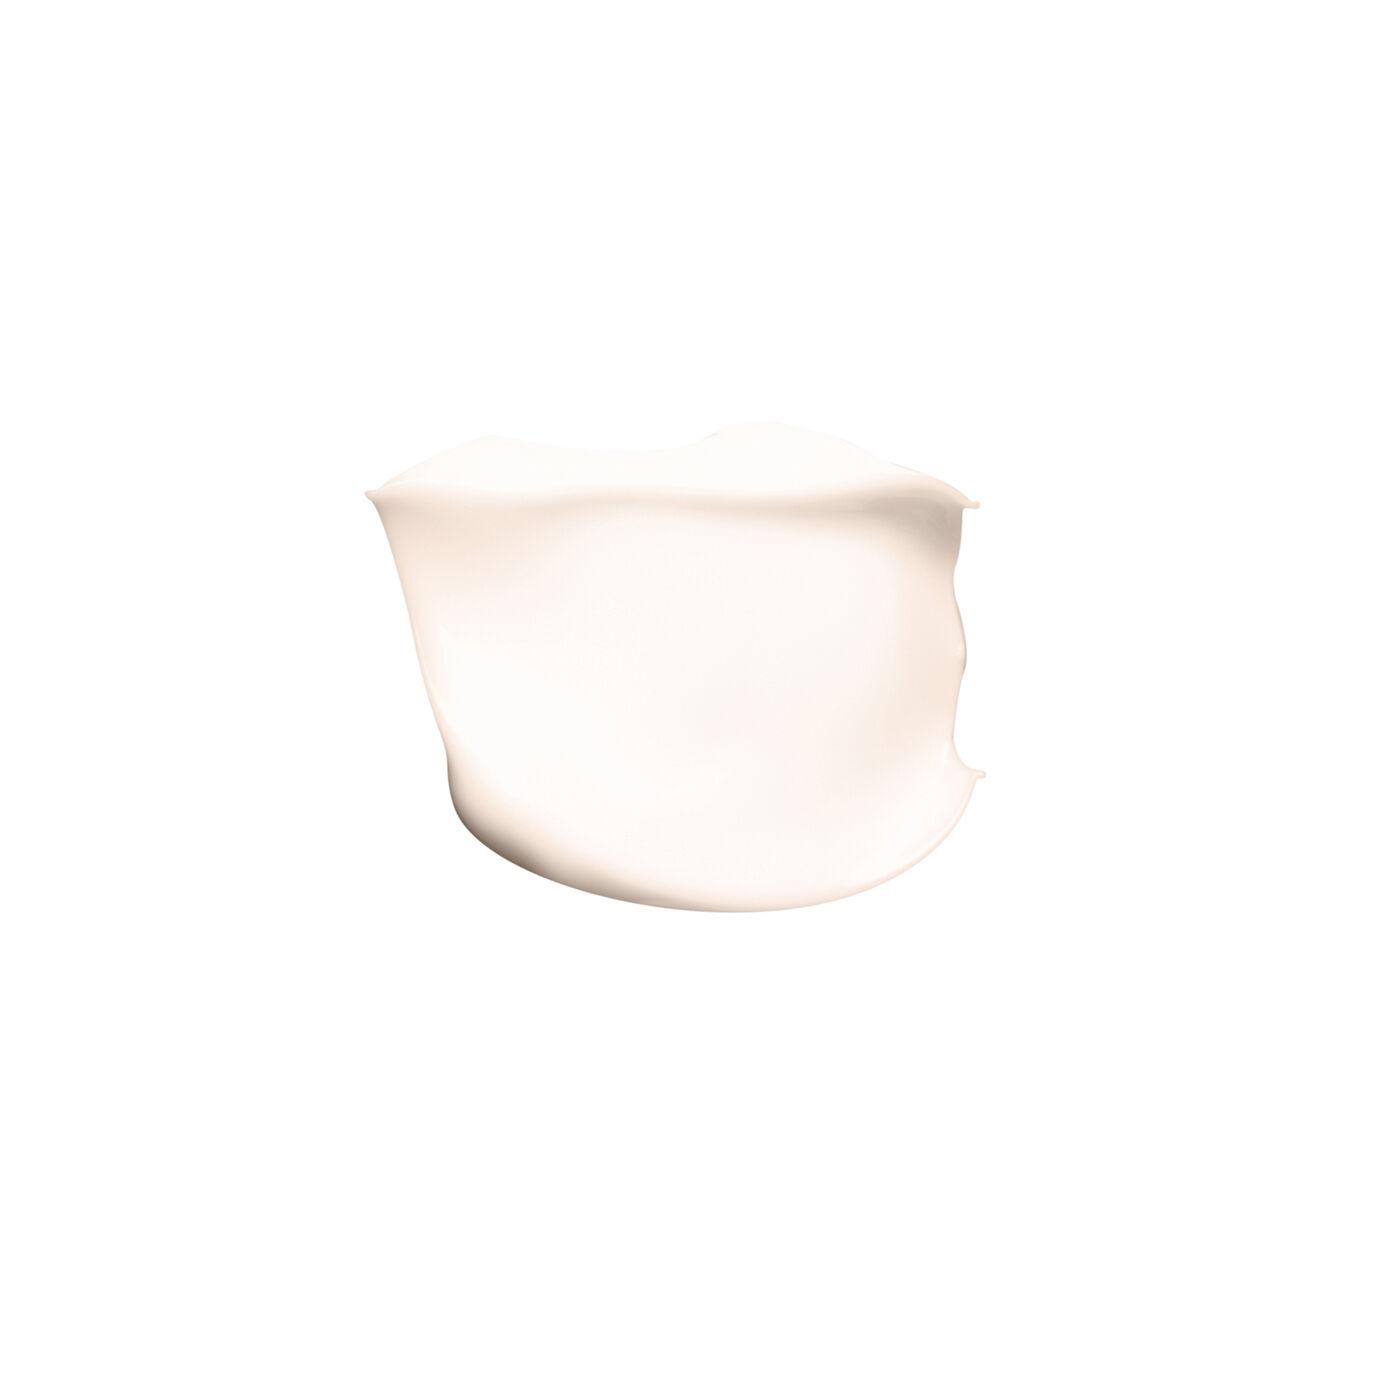 恒润奇肌保湿系列 恒润奇肌保湿乳霜